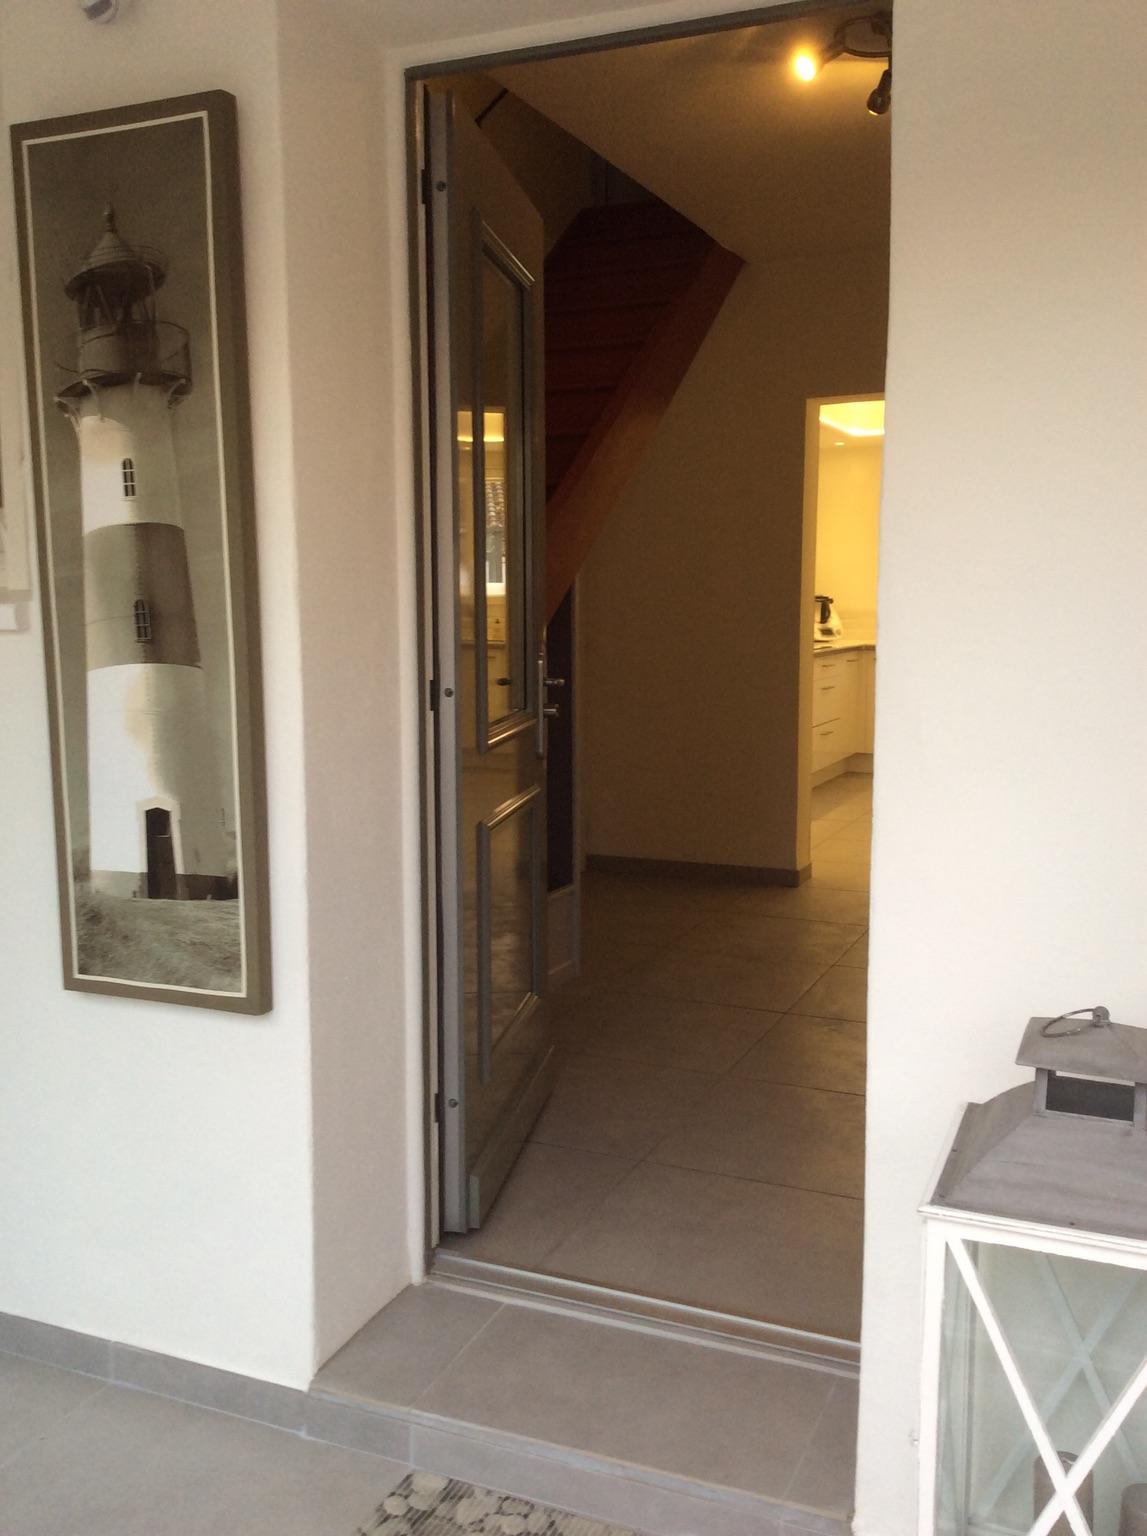 Maison de vacances Villa mit 3 Schlafzimmern in L'Isle-sur-la-Sorgue mit privatem Pool, möblierter Terrasse u (2208394), L'Isle sur la Sorgue, Vaucluse, Provence - Alpes - Côte d'Azur, France, image 18